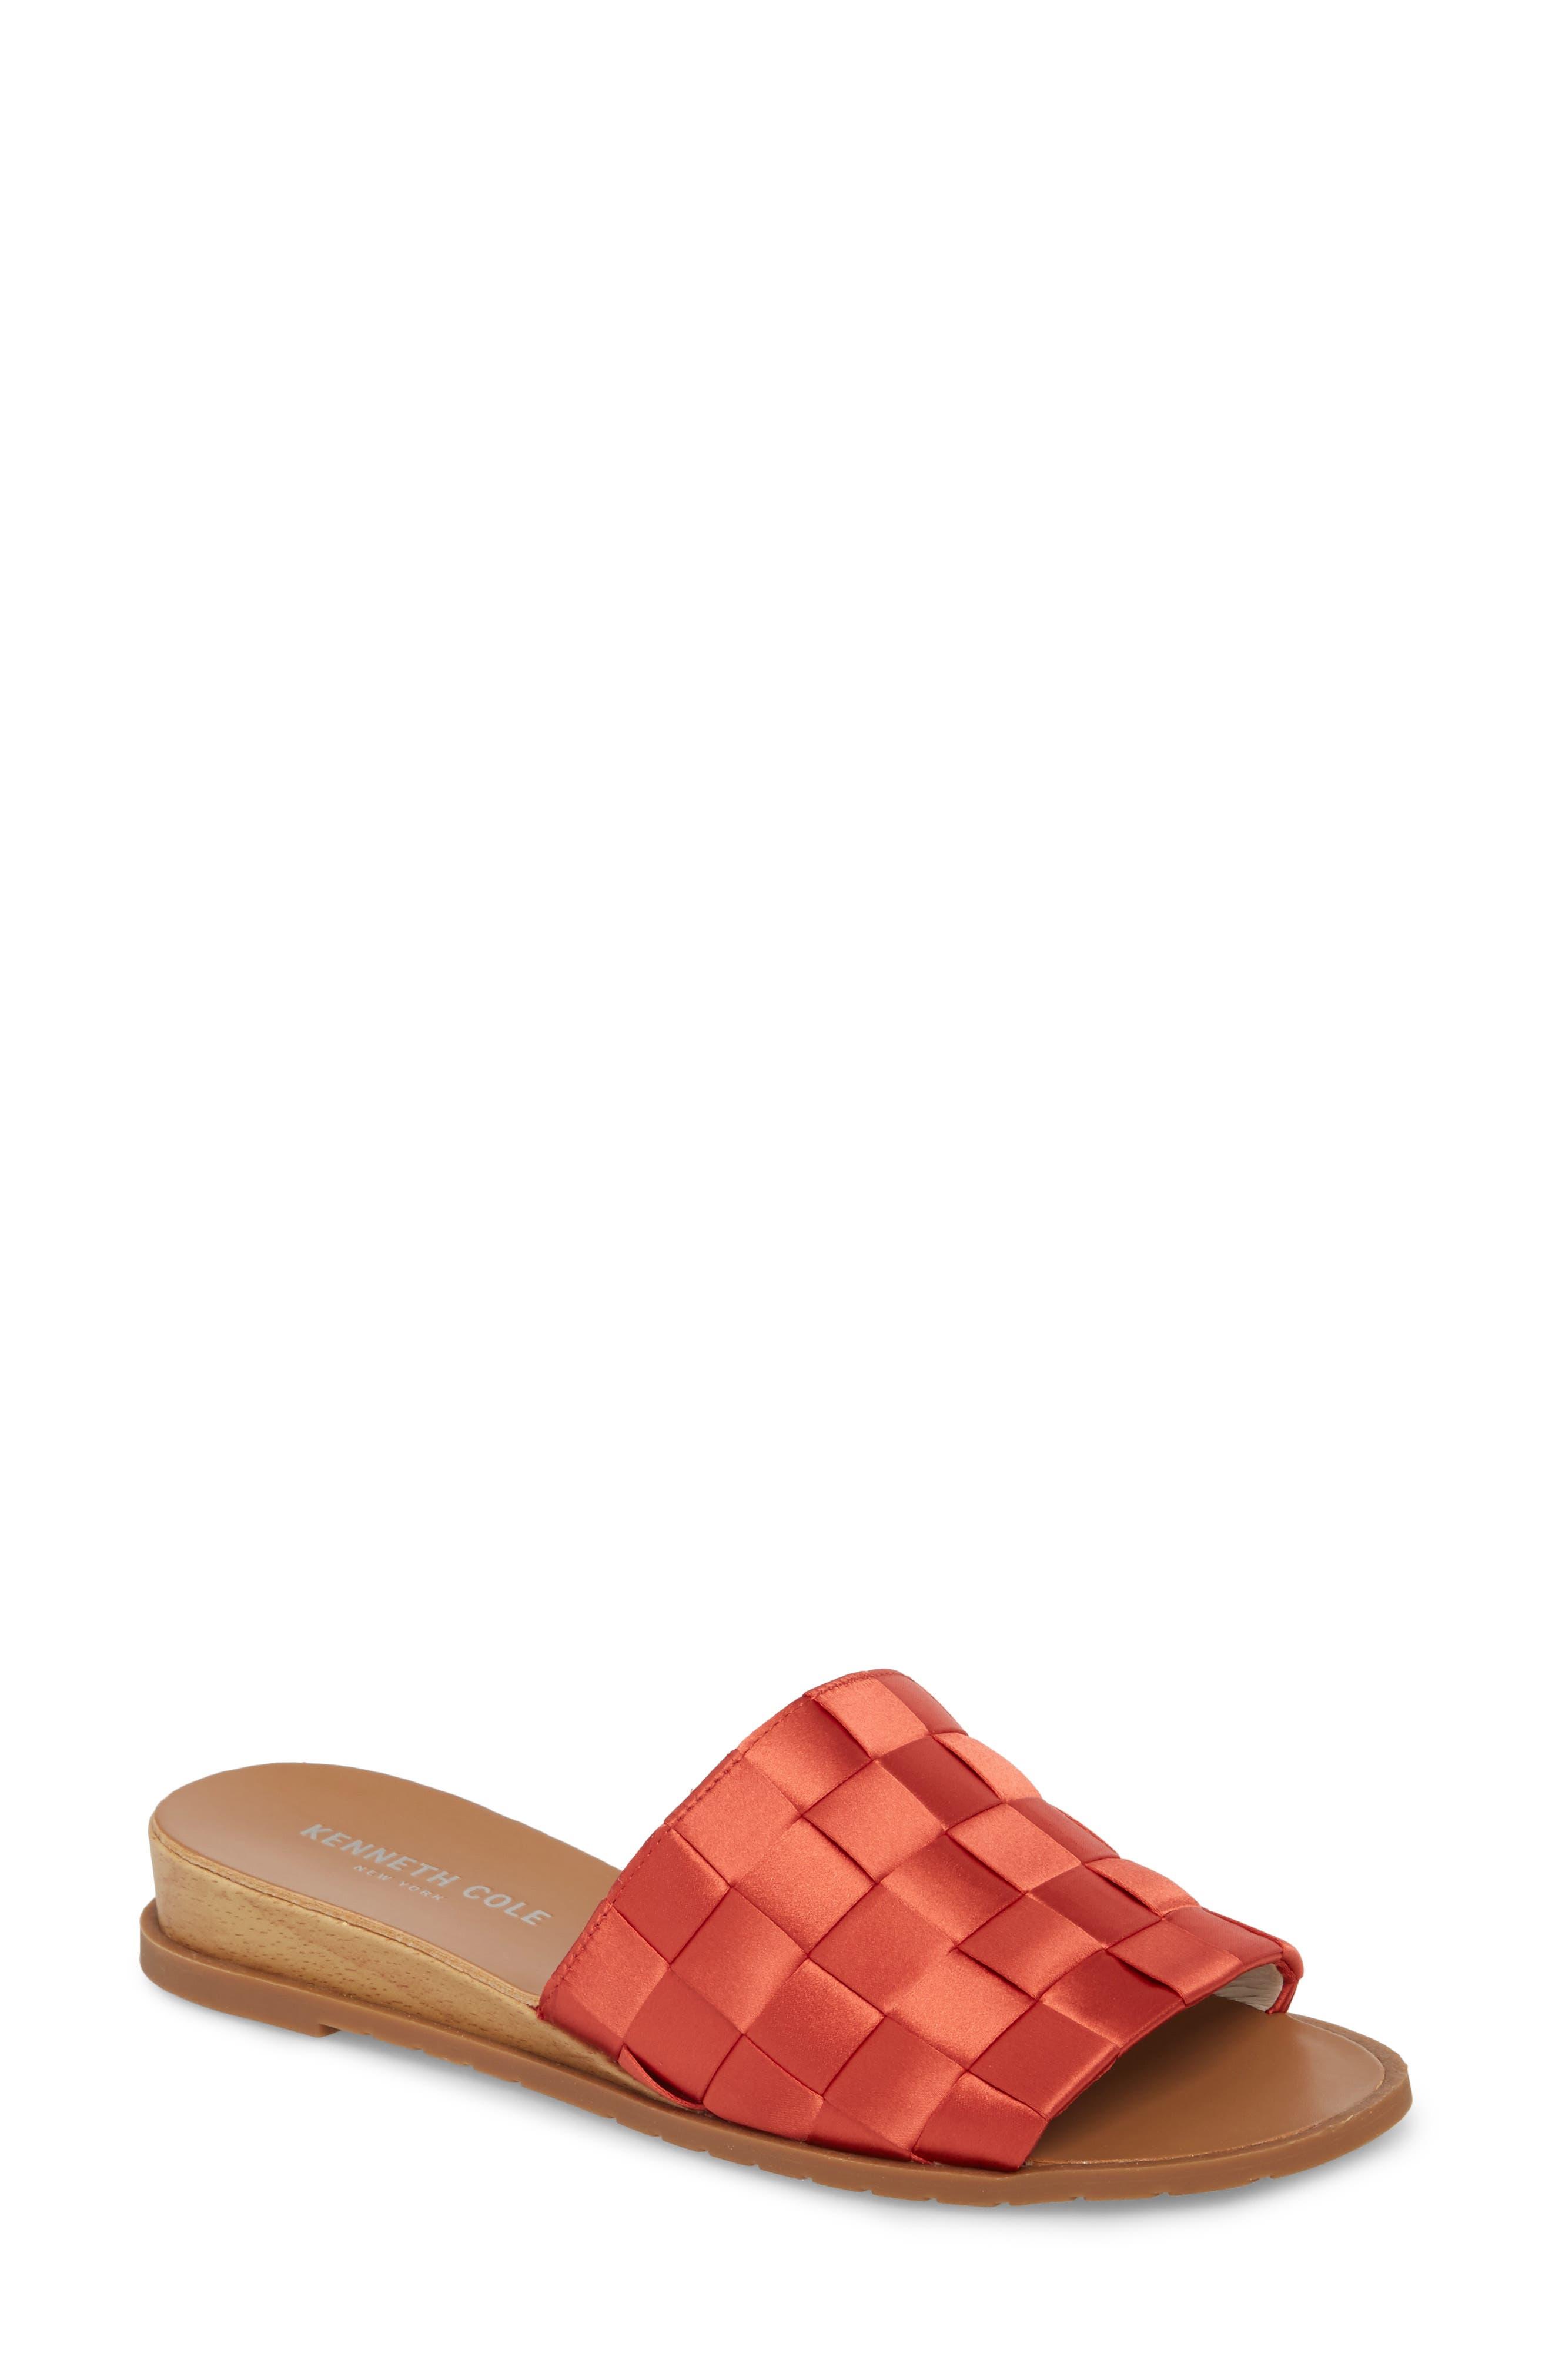 Joanne Flower Embroidered Slide Sandal,                             Main thumbnail 3, color,